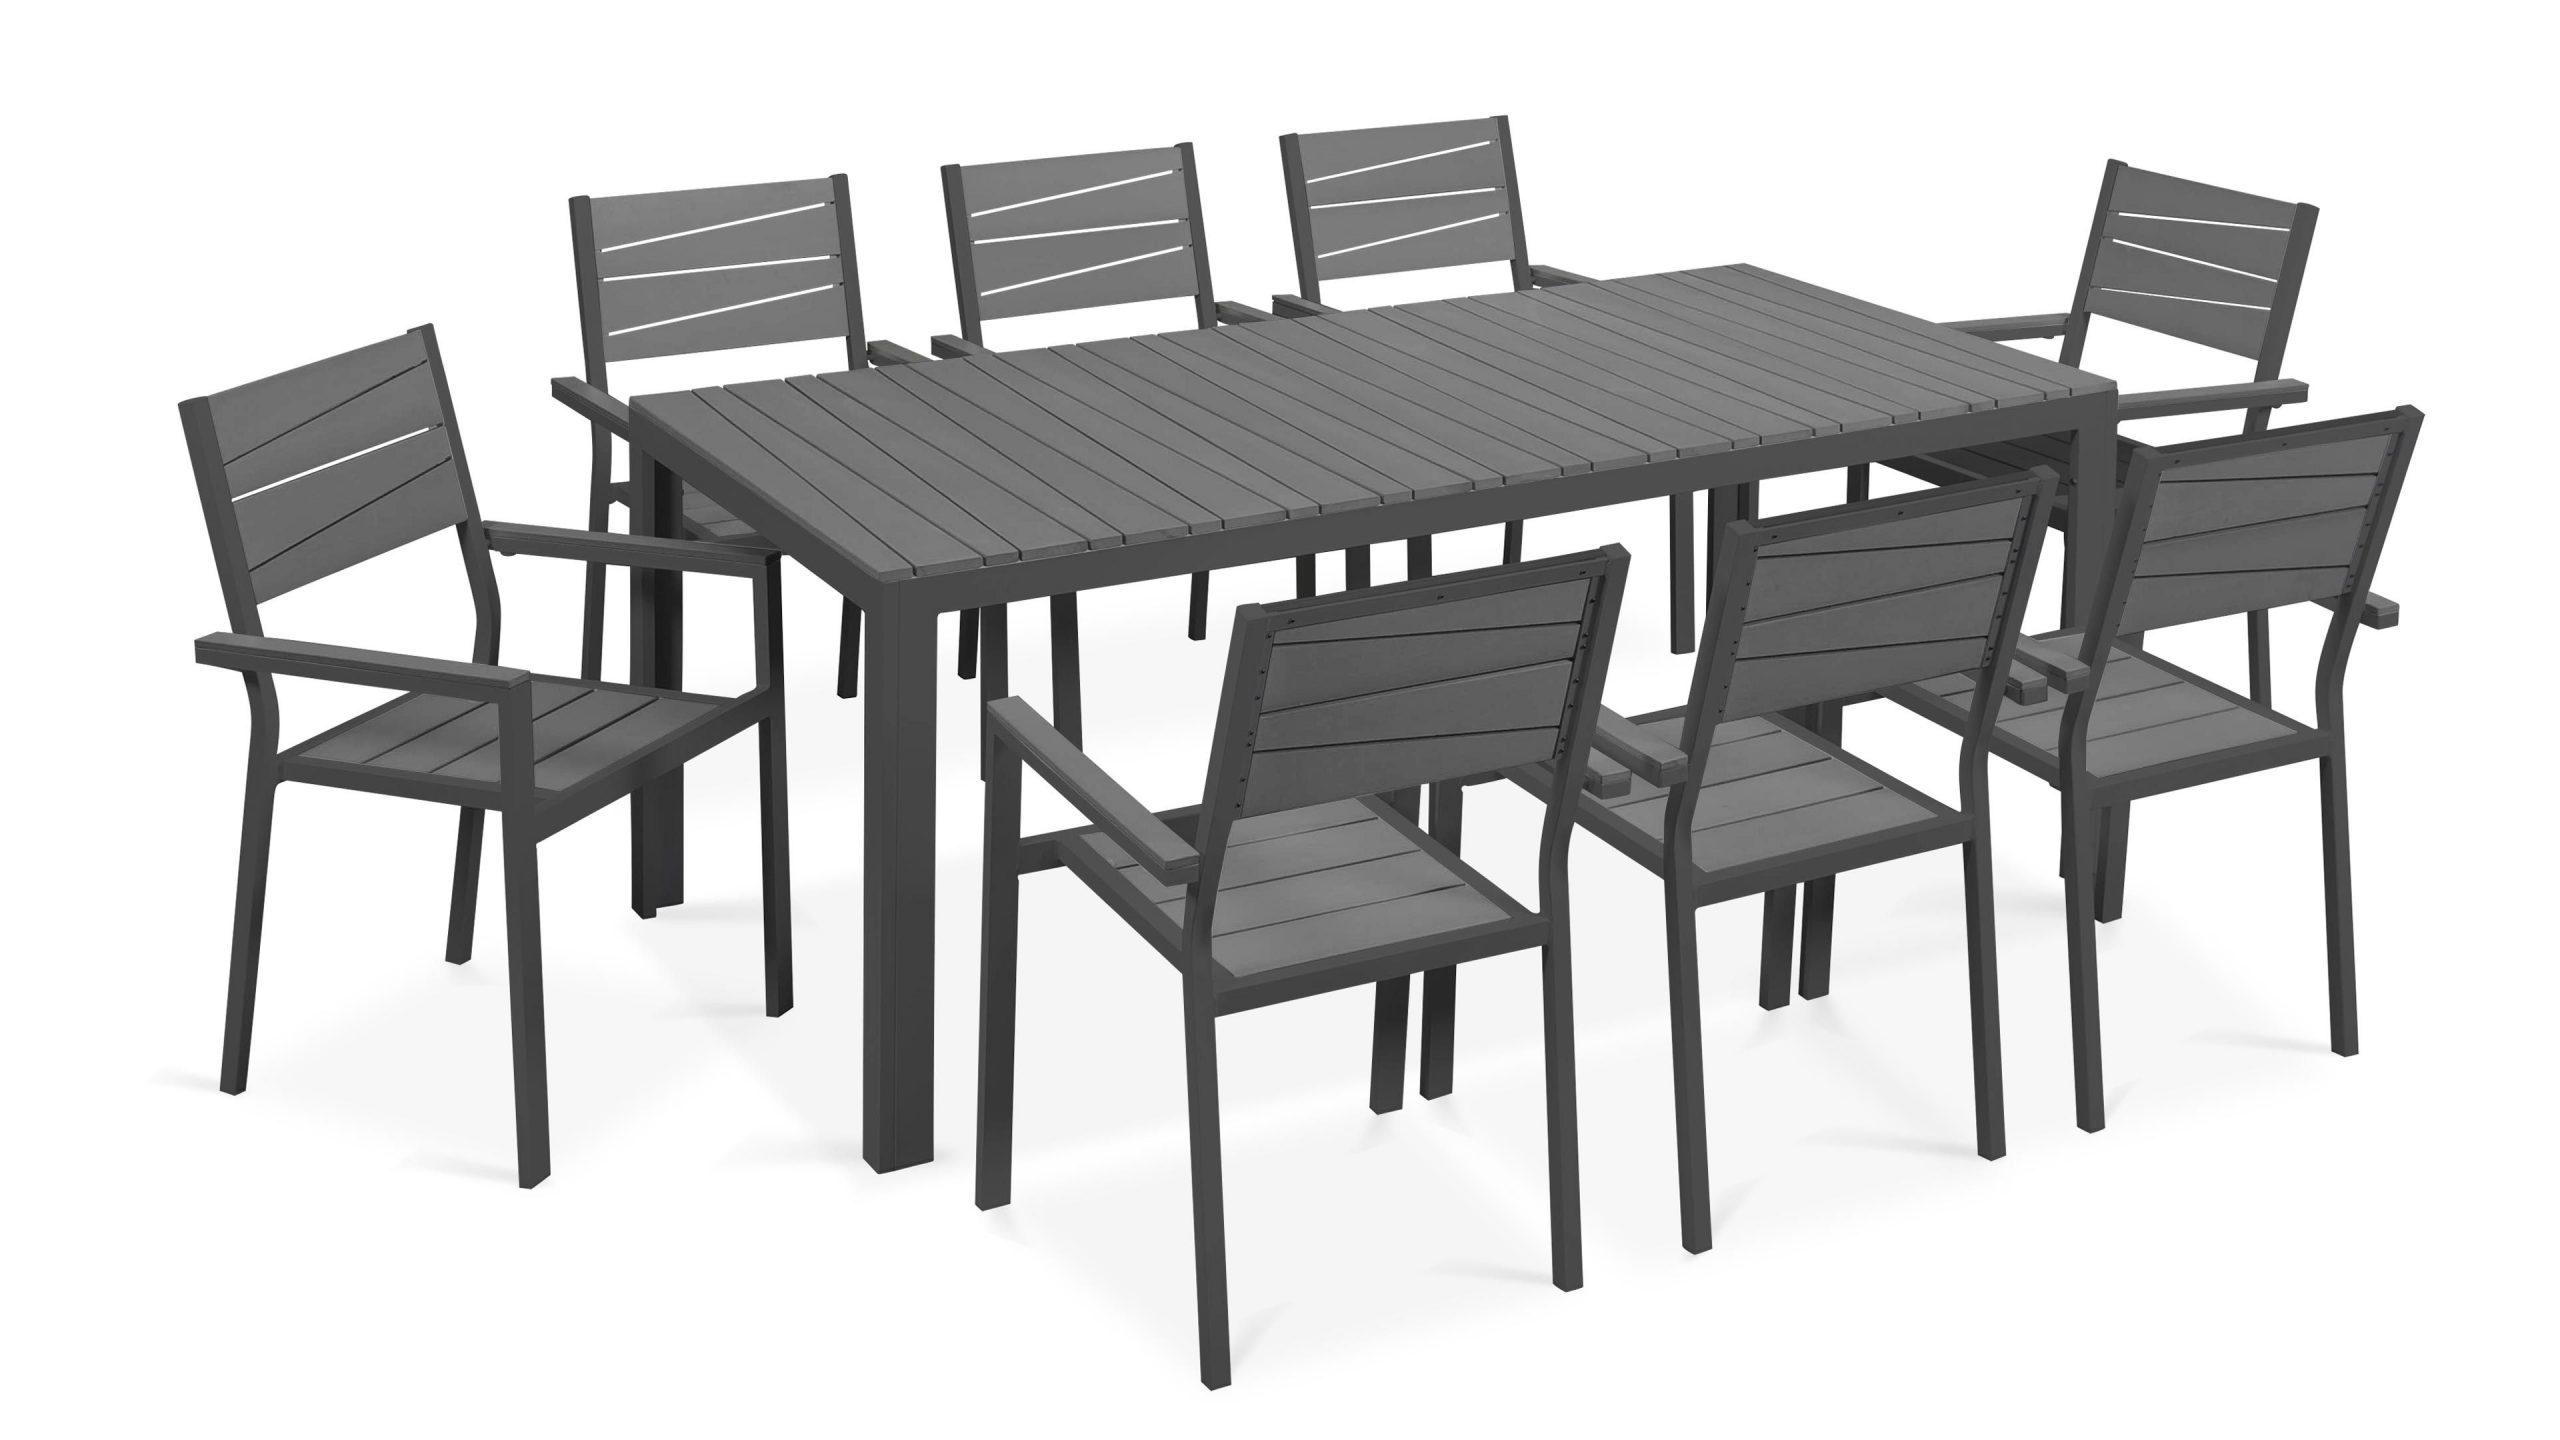 Table De Jardin 8 Places Aluminium Polywood destiné Salon De Jardin Polywood